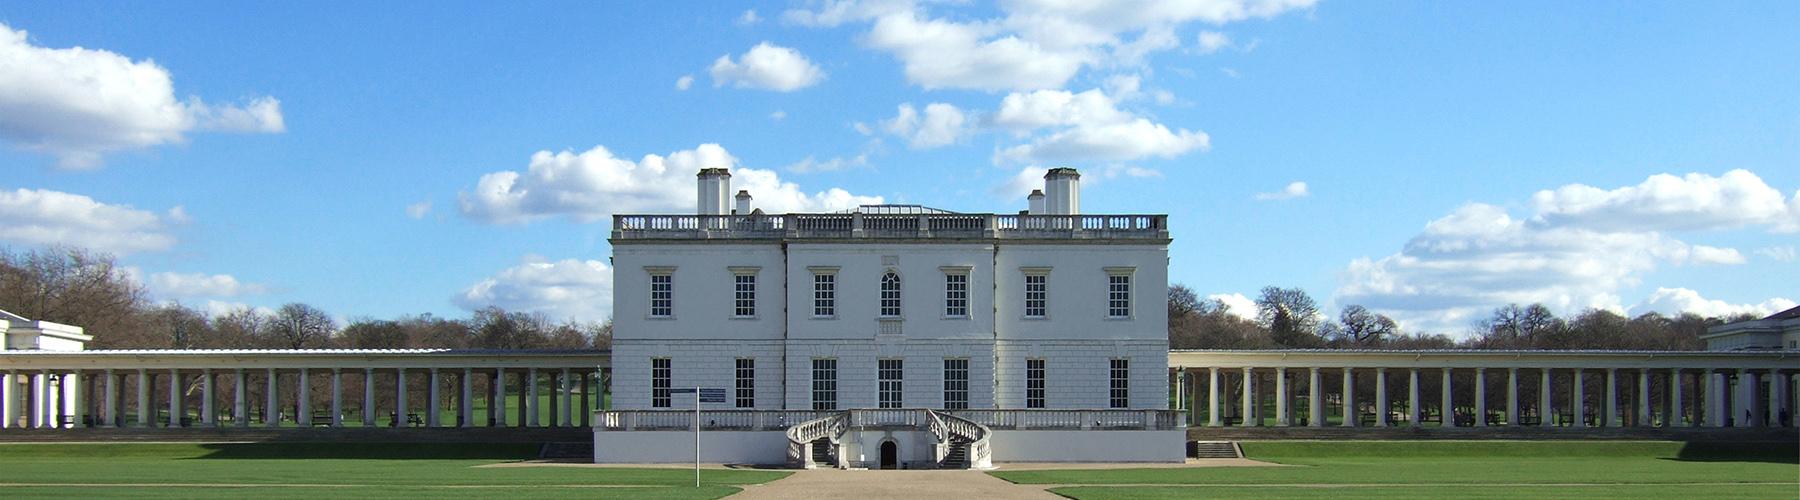 런던 - 퀸스 하우스에 가까운 호스텔. 런던의 지도, 런던에 위치한 호스텔에 대한 사진 및 리뷰.